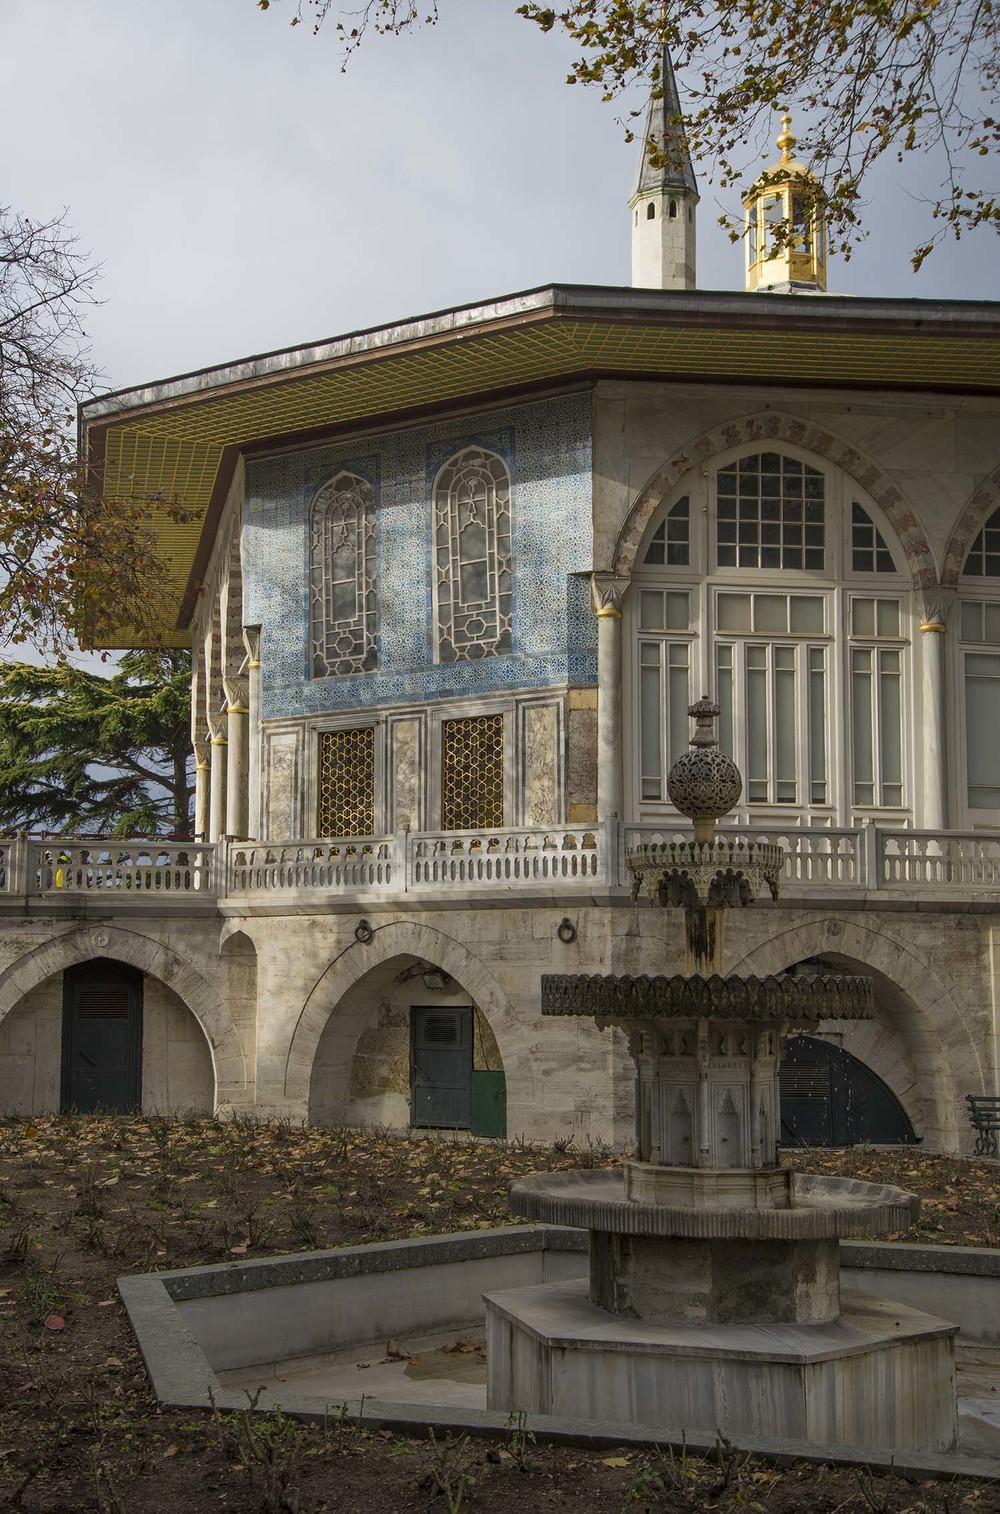 Baghdad Kiosk, Topkapı Sarayı, Koca Kasım forMurad IV, 1639, Istanbul